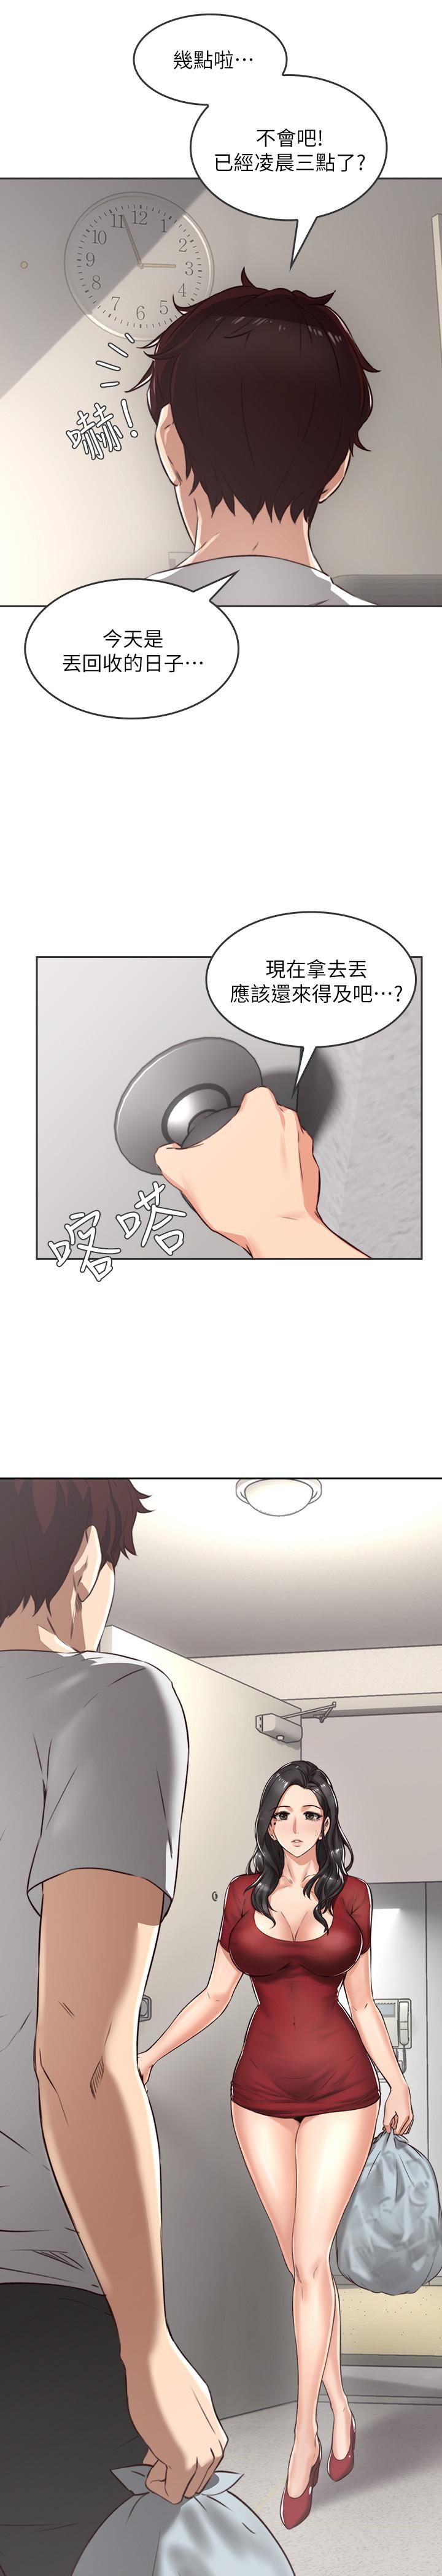 《睦邻》漫画 & 完整版韩漫 — 全集免费阅读